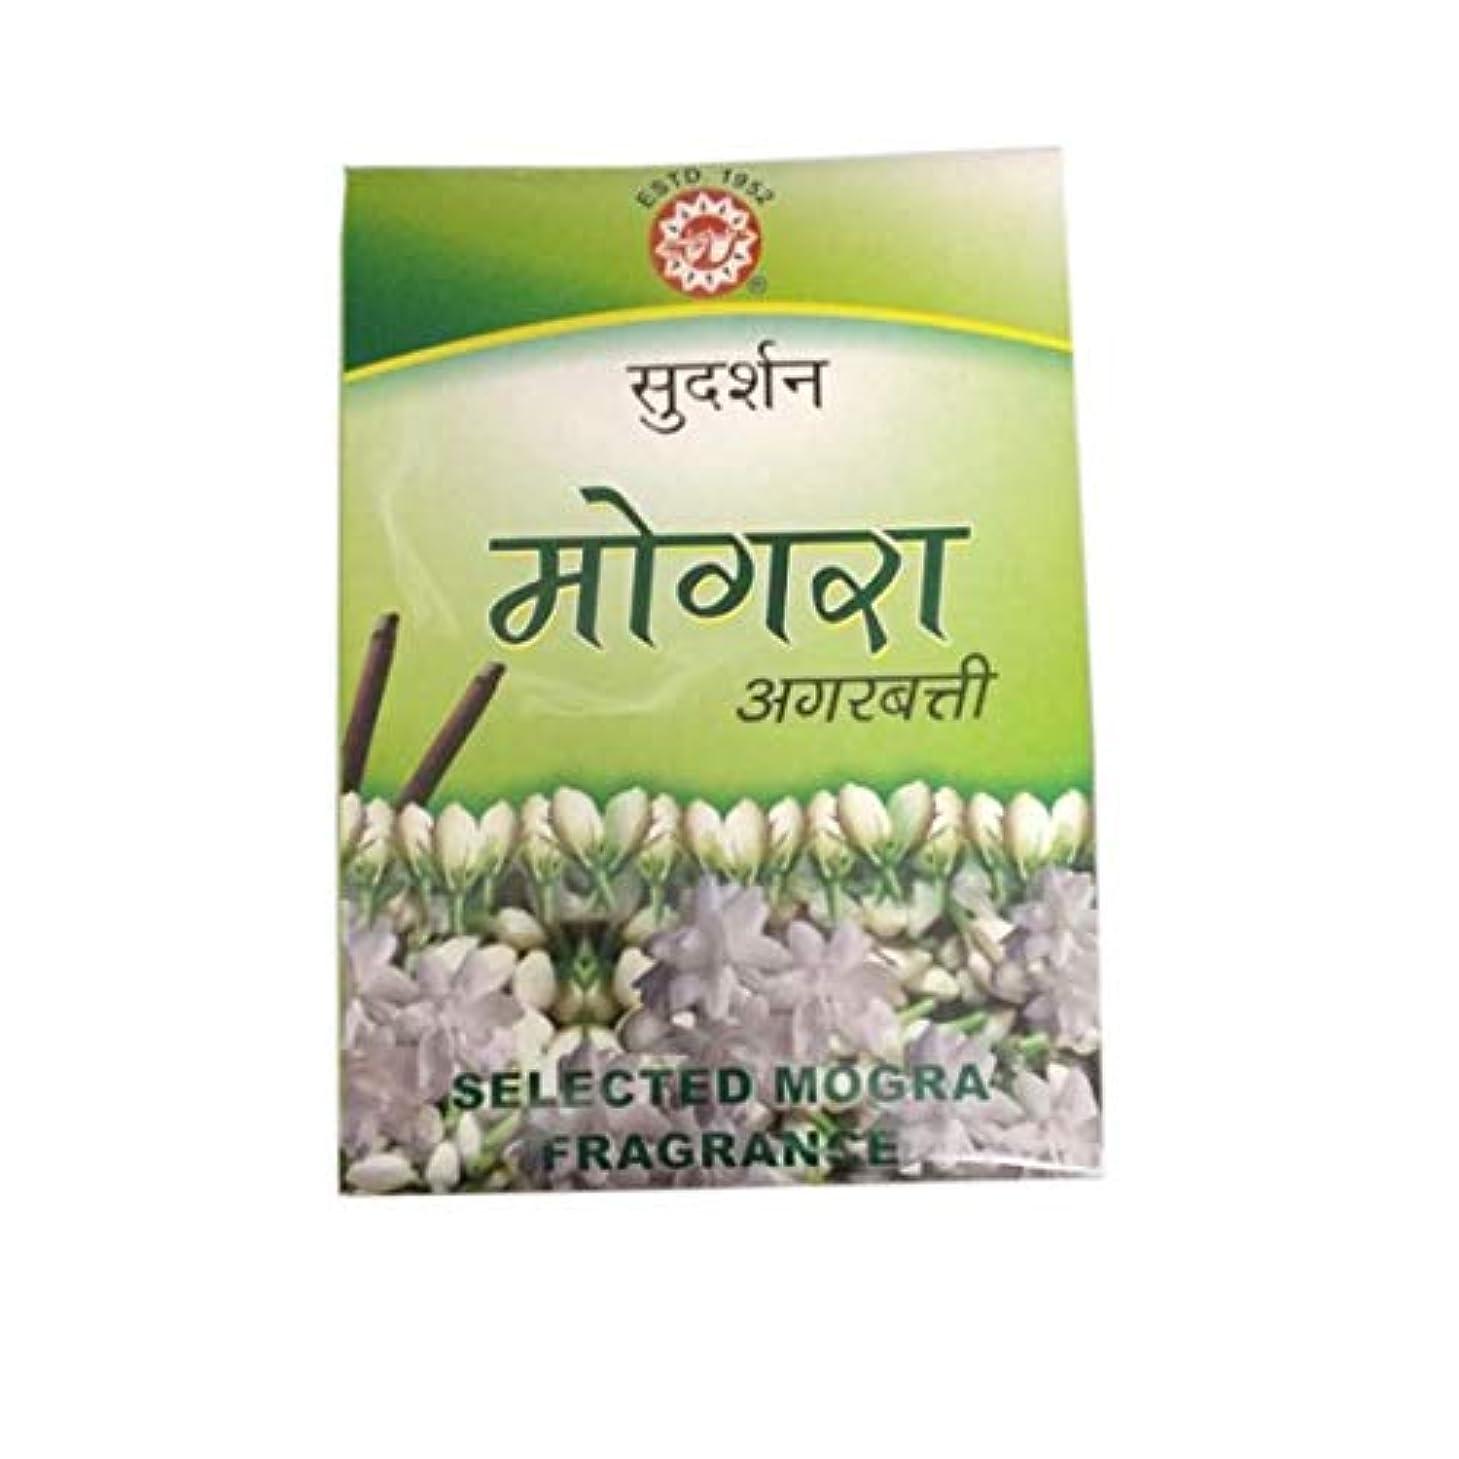 次へシャツカポックSudarshan Mogra Agarbatti - 12 Sticks Packet 1 Box Fragrance Incense Sticks for Positivity & Freshness Lavender...